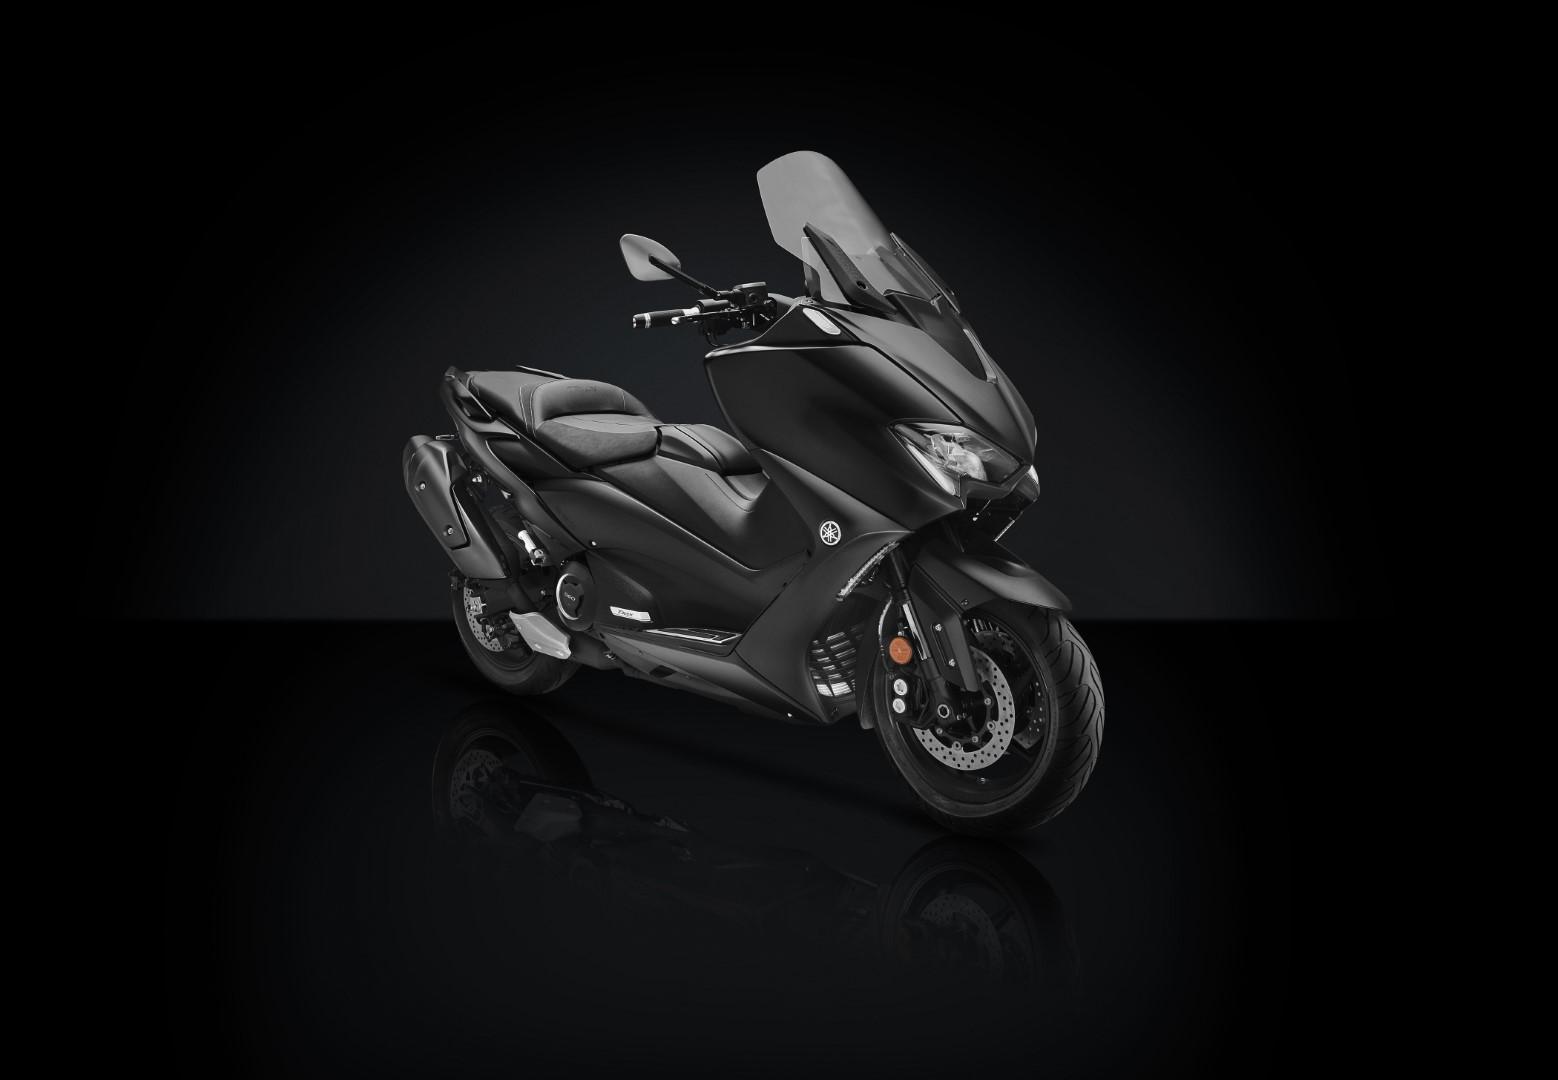 Línea de accesorios Rizoma para el Yamaha T-MAX 560 2020. fotos